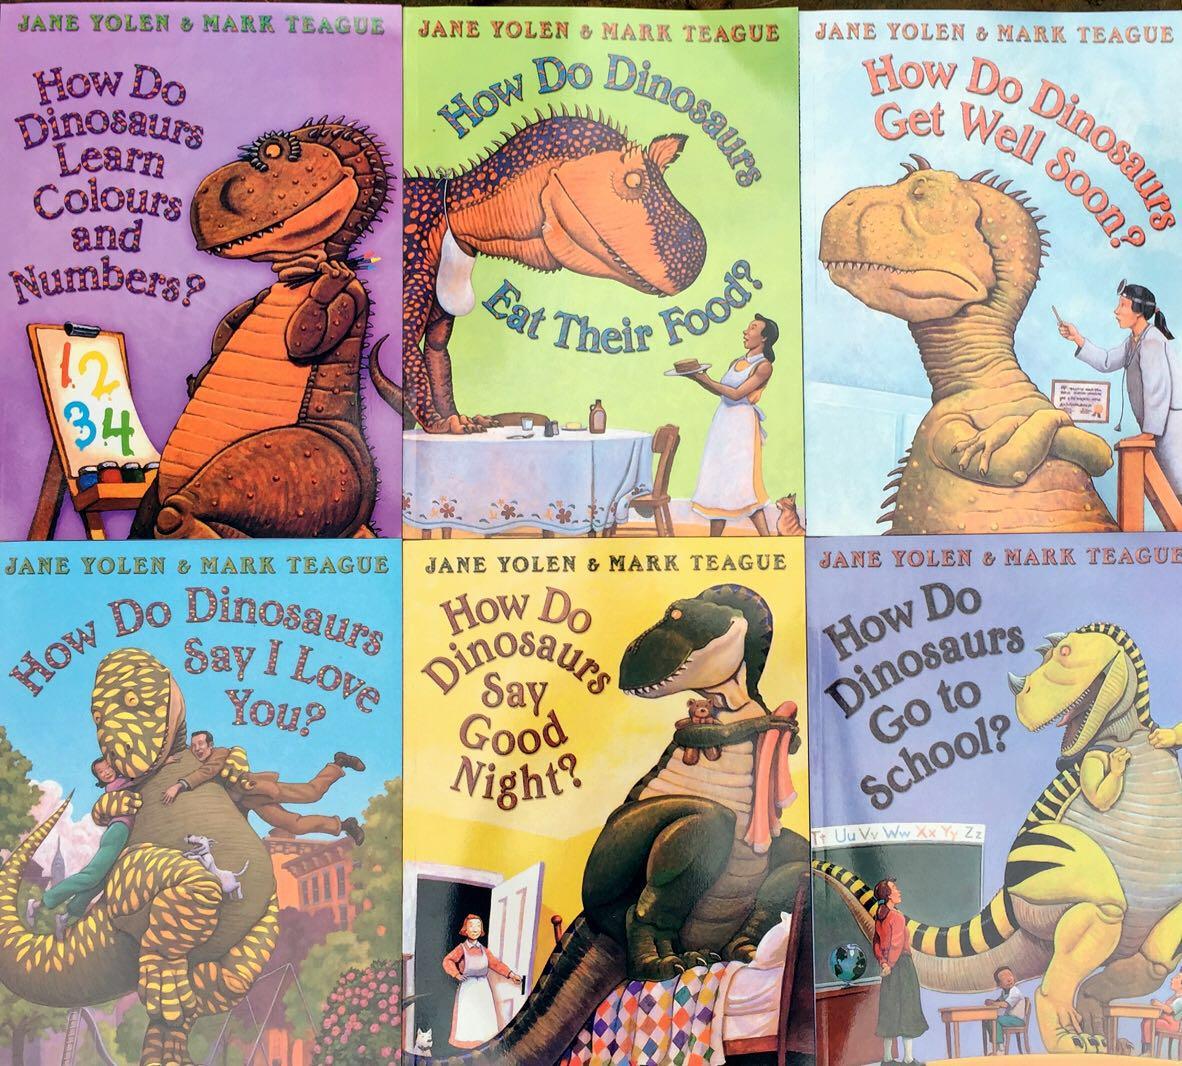 Comment les dinosaures 6 livres/ensemble photo livres jouets éducatifs enfants anglais étude histoire livres maternelle enfants lecture livre